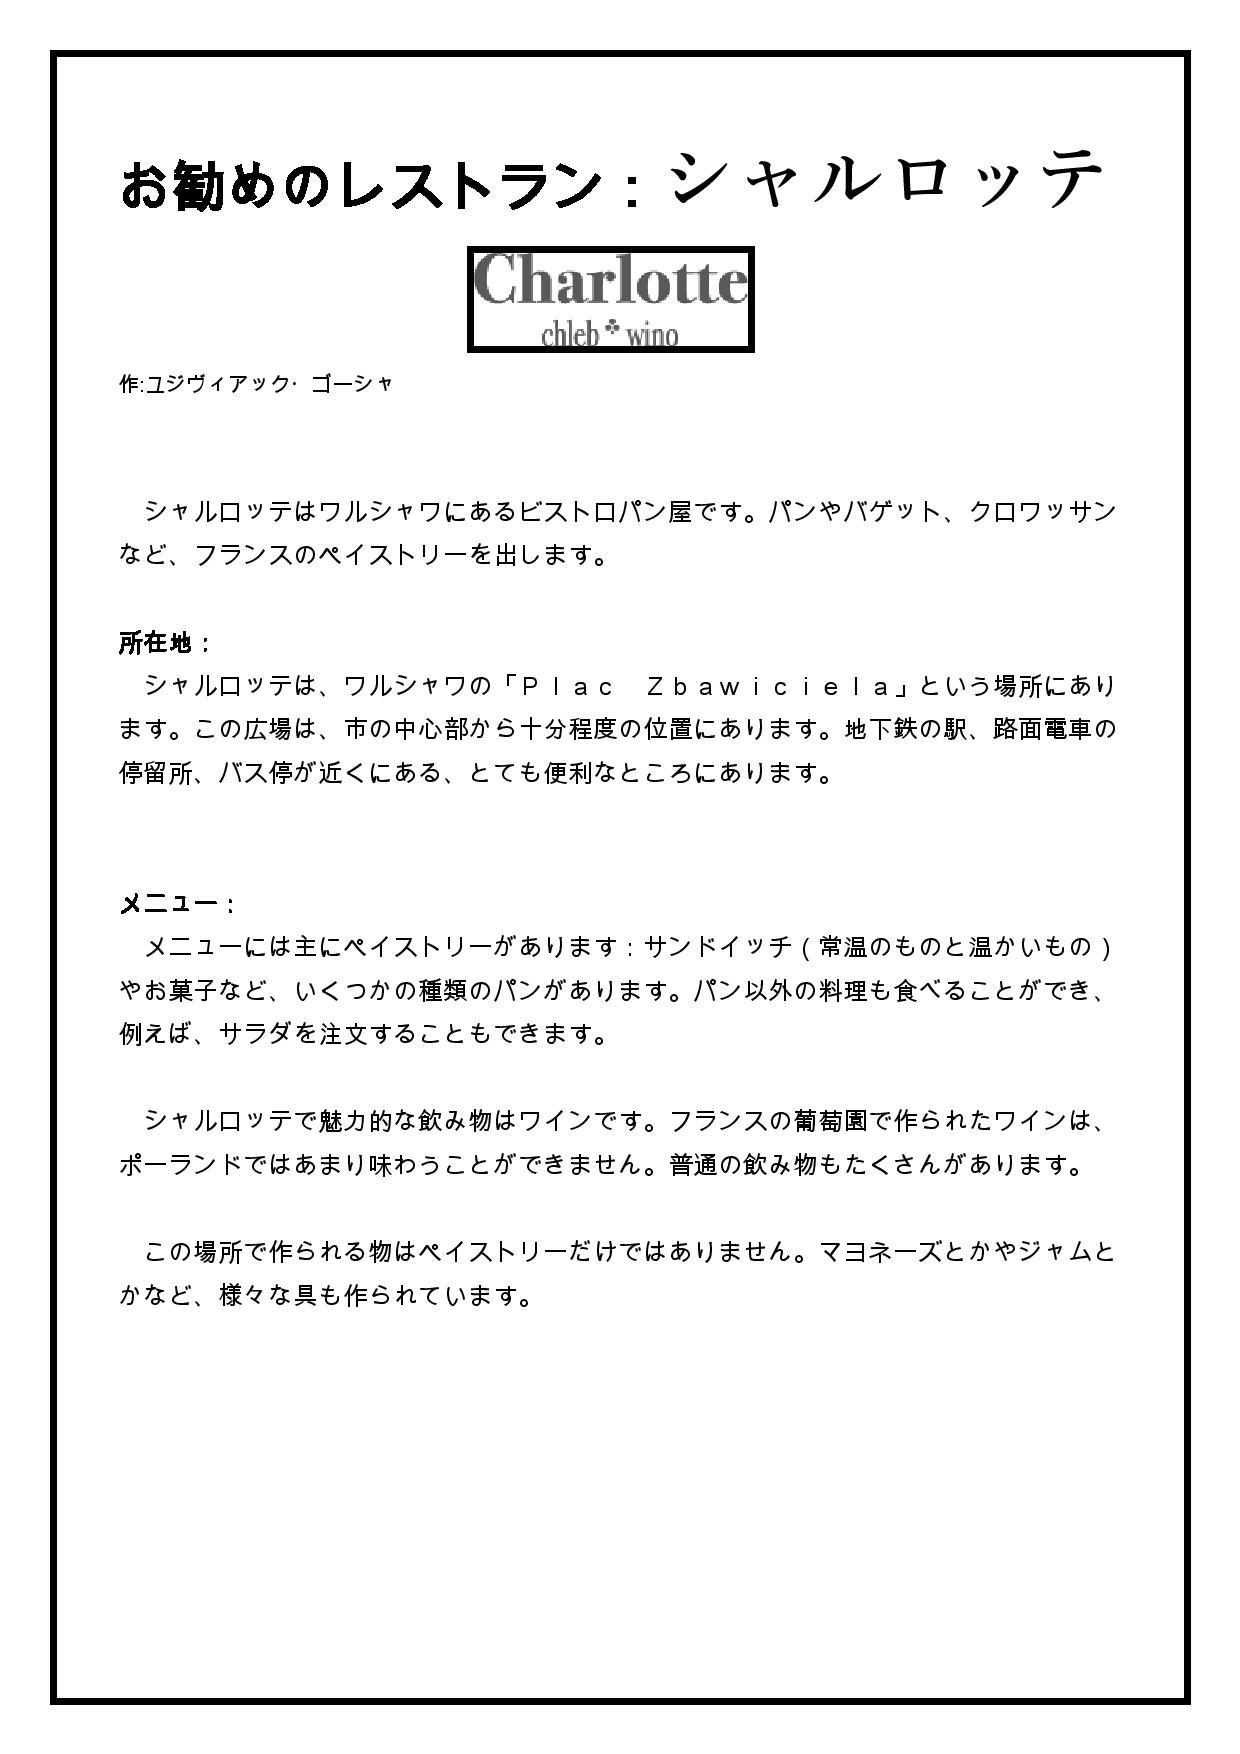 シャルロッテ-page-001